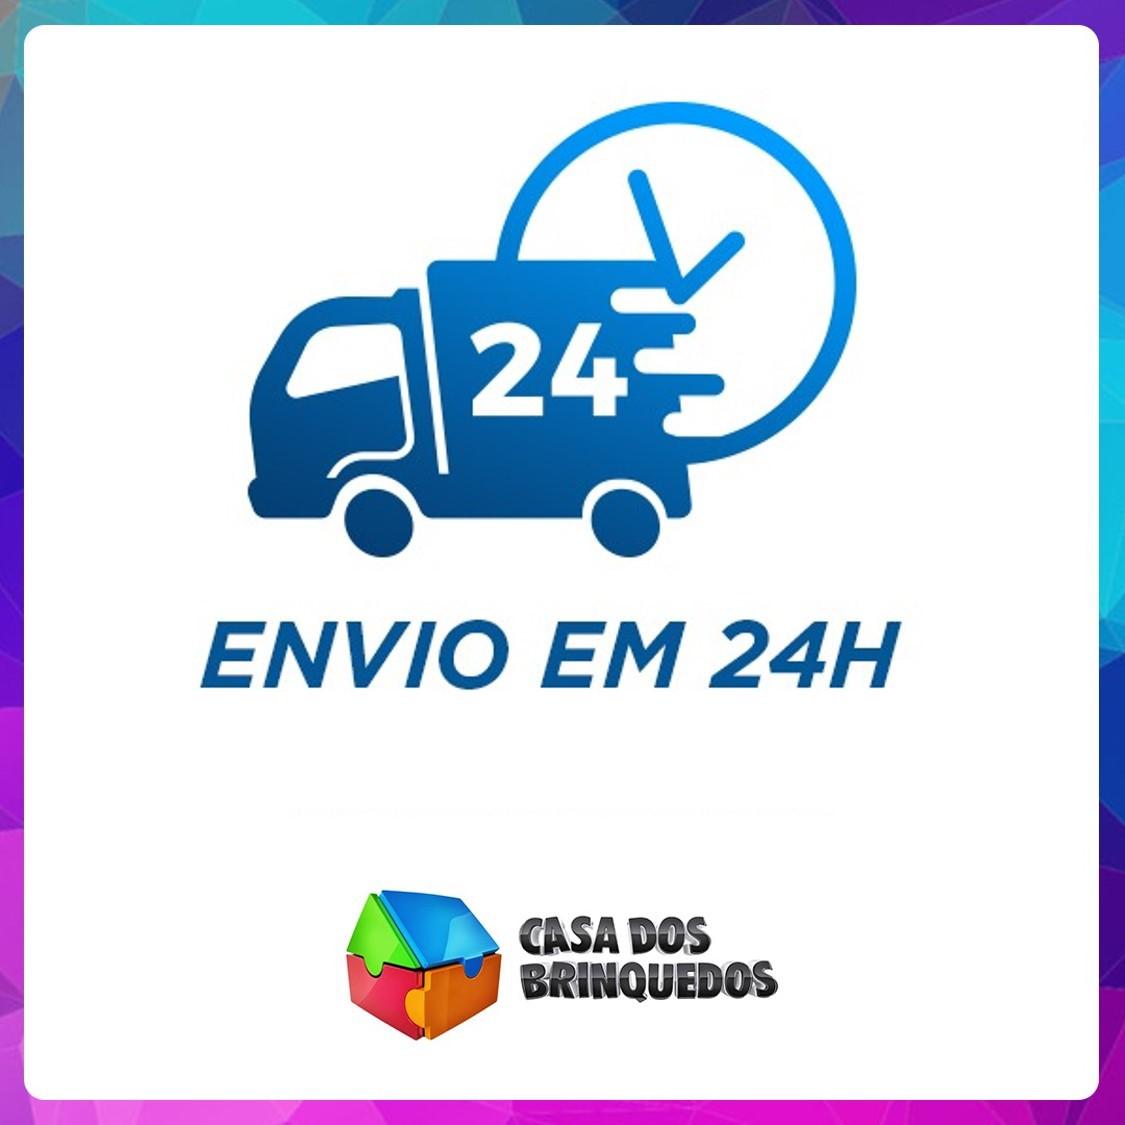 KIT CARRINHOS DE AEROPORTOS E AVIÕES 89630 FÊNIX